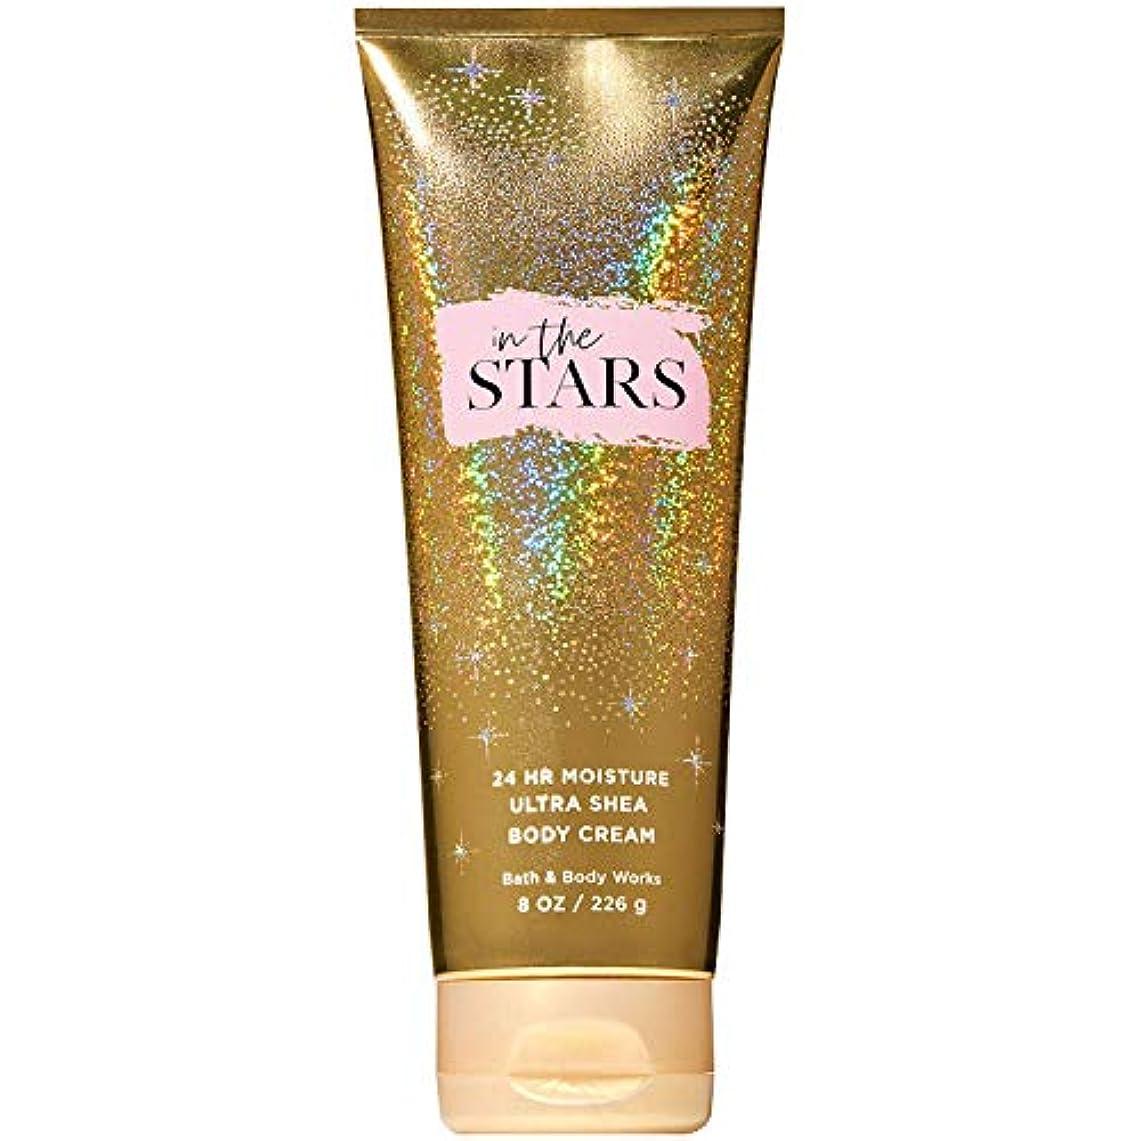 退却リサイクルするフェンスバス&ボディワークス イン ザ スター ボディクリーム In the Stars Body Cream